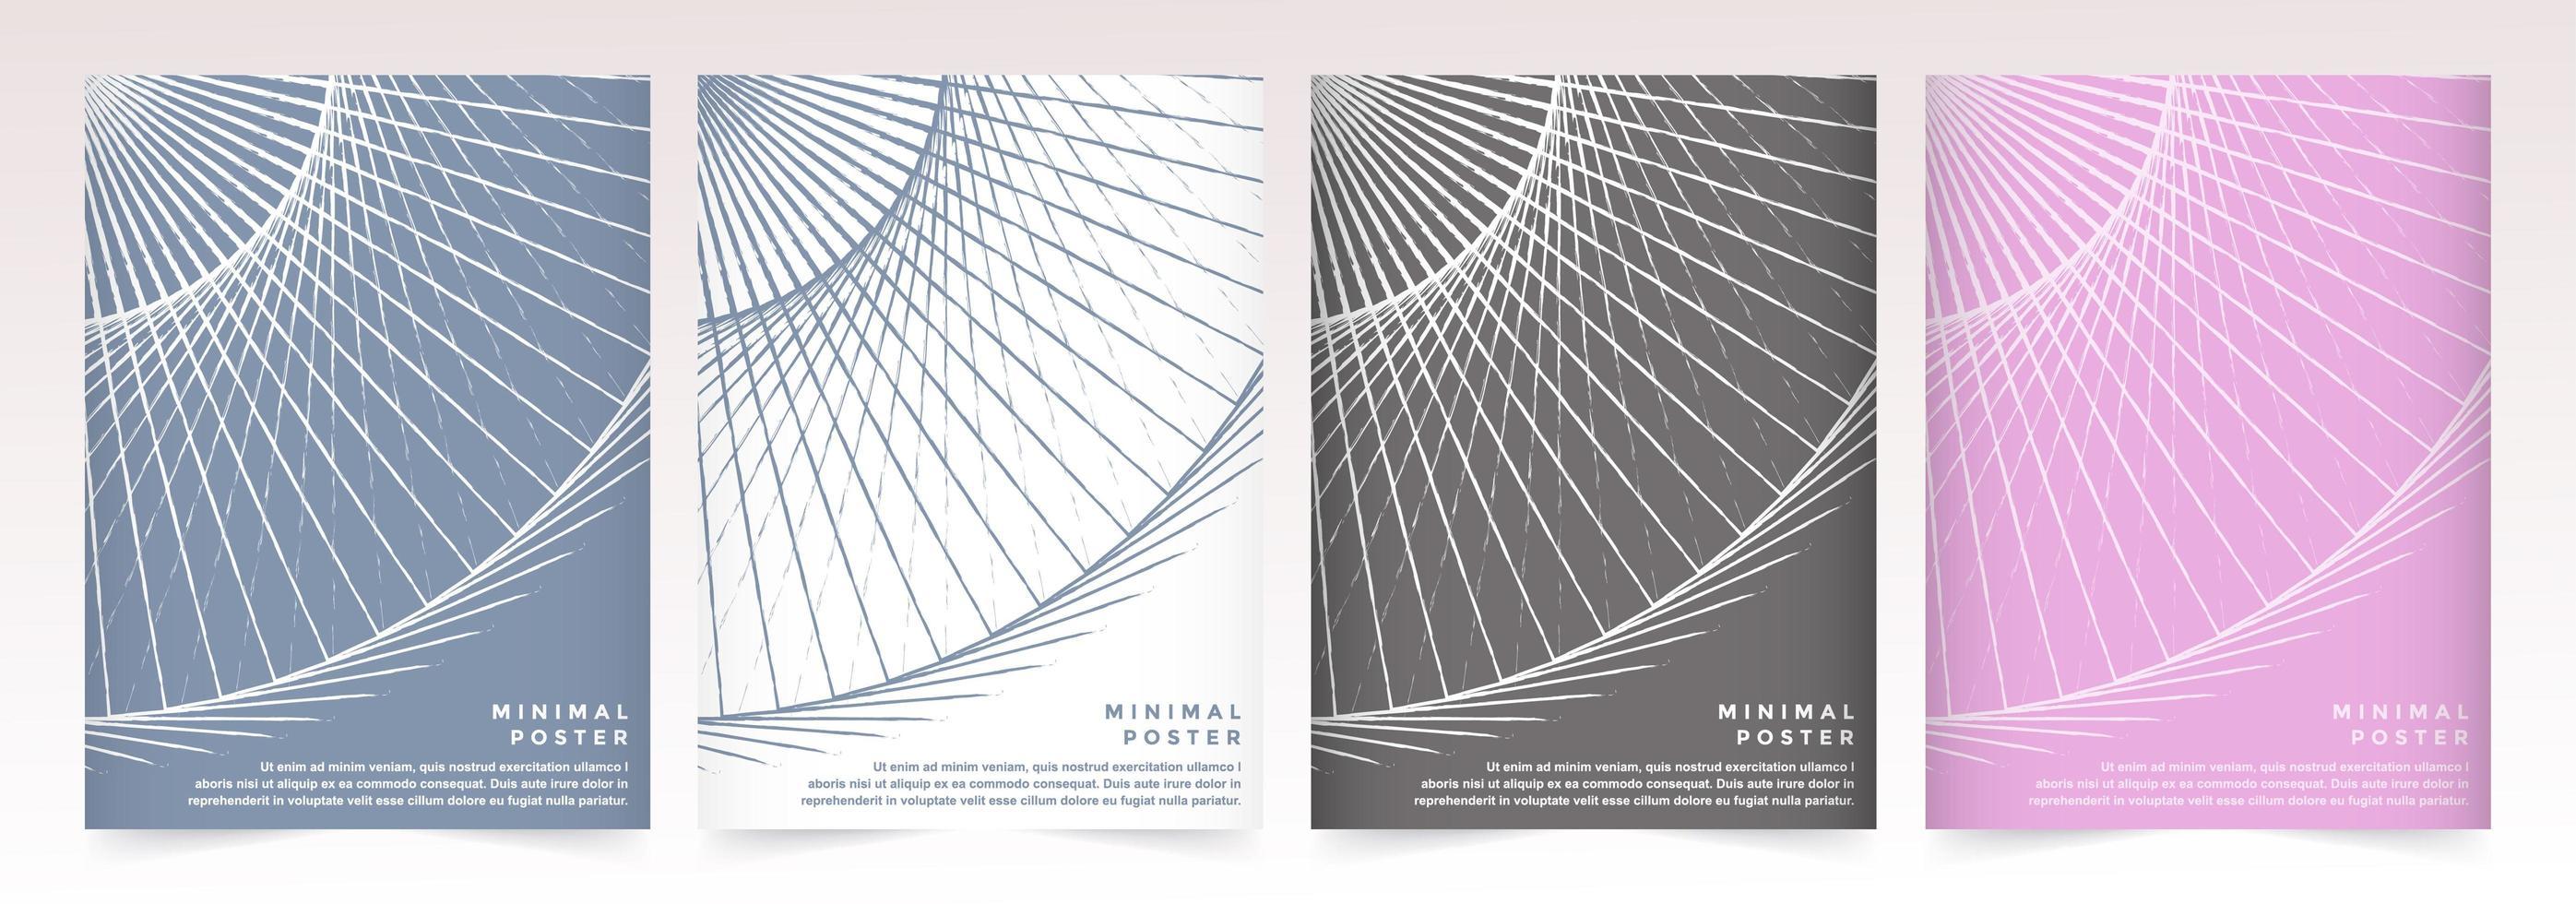 färgglada geometriska abstrakta cirkel mönster affischuppsättning vektor